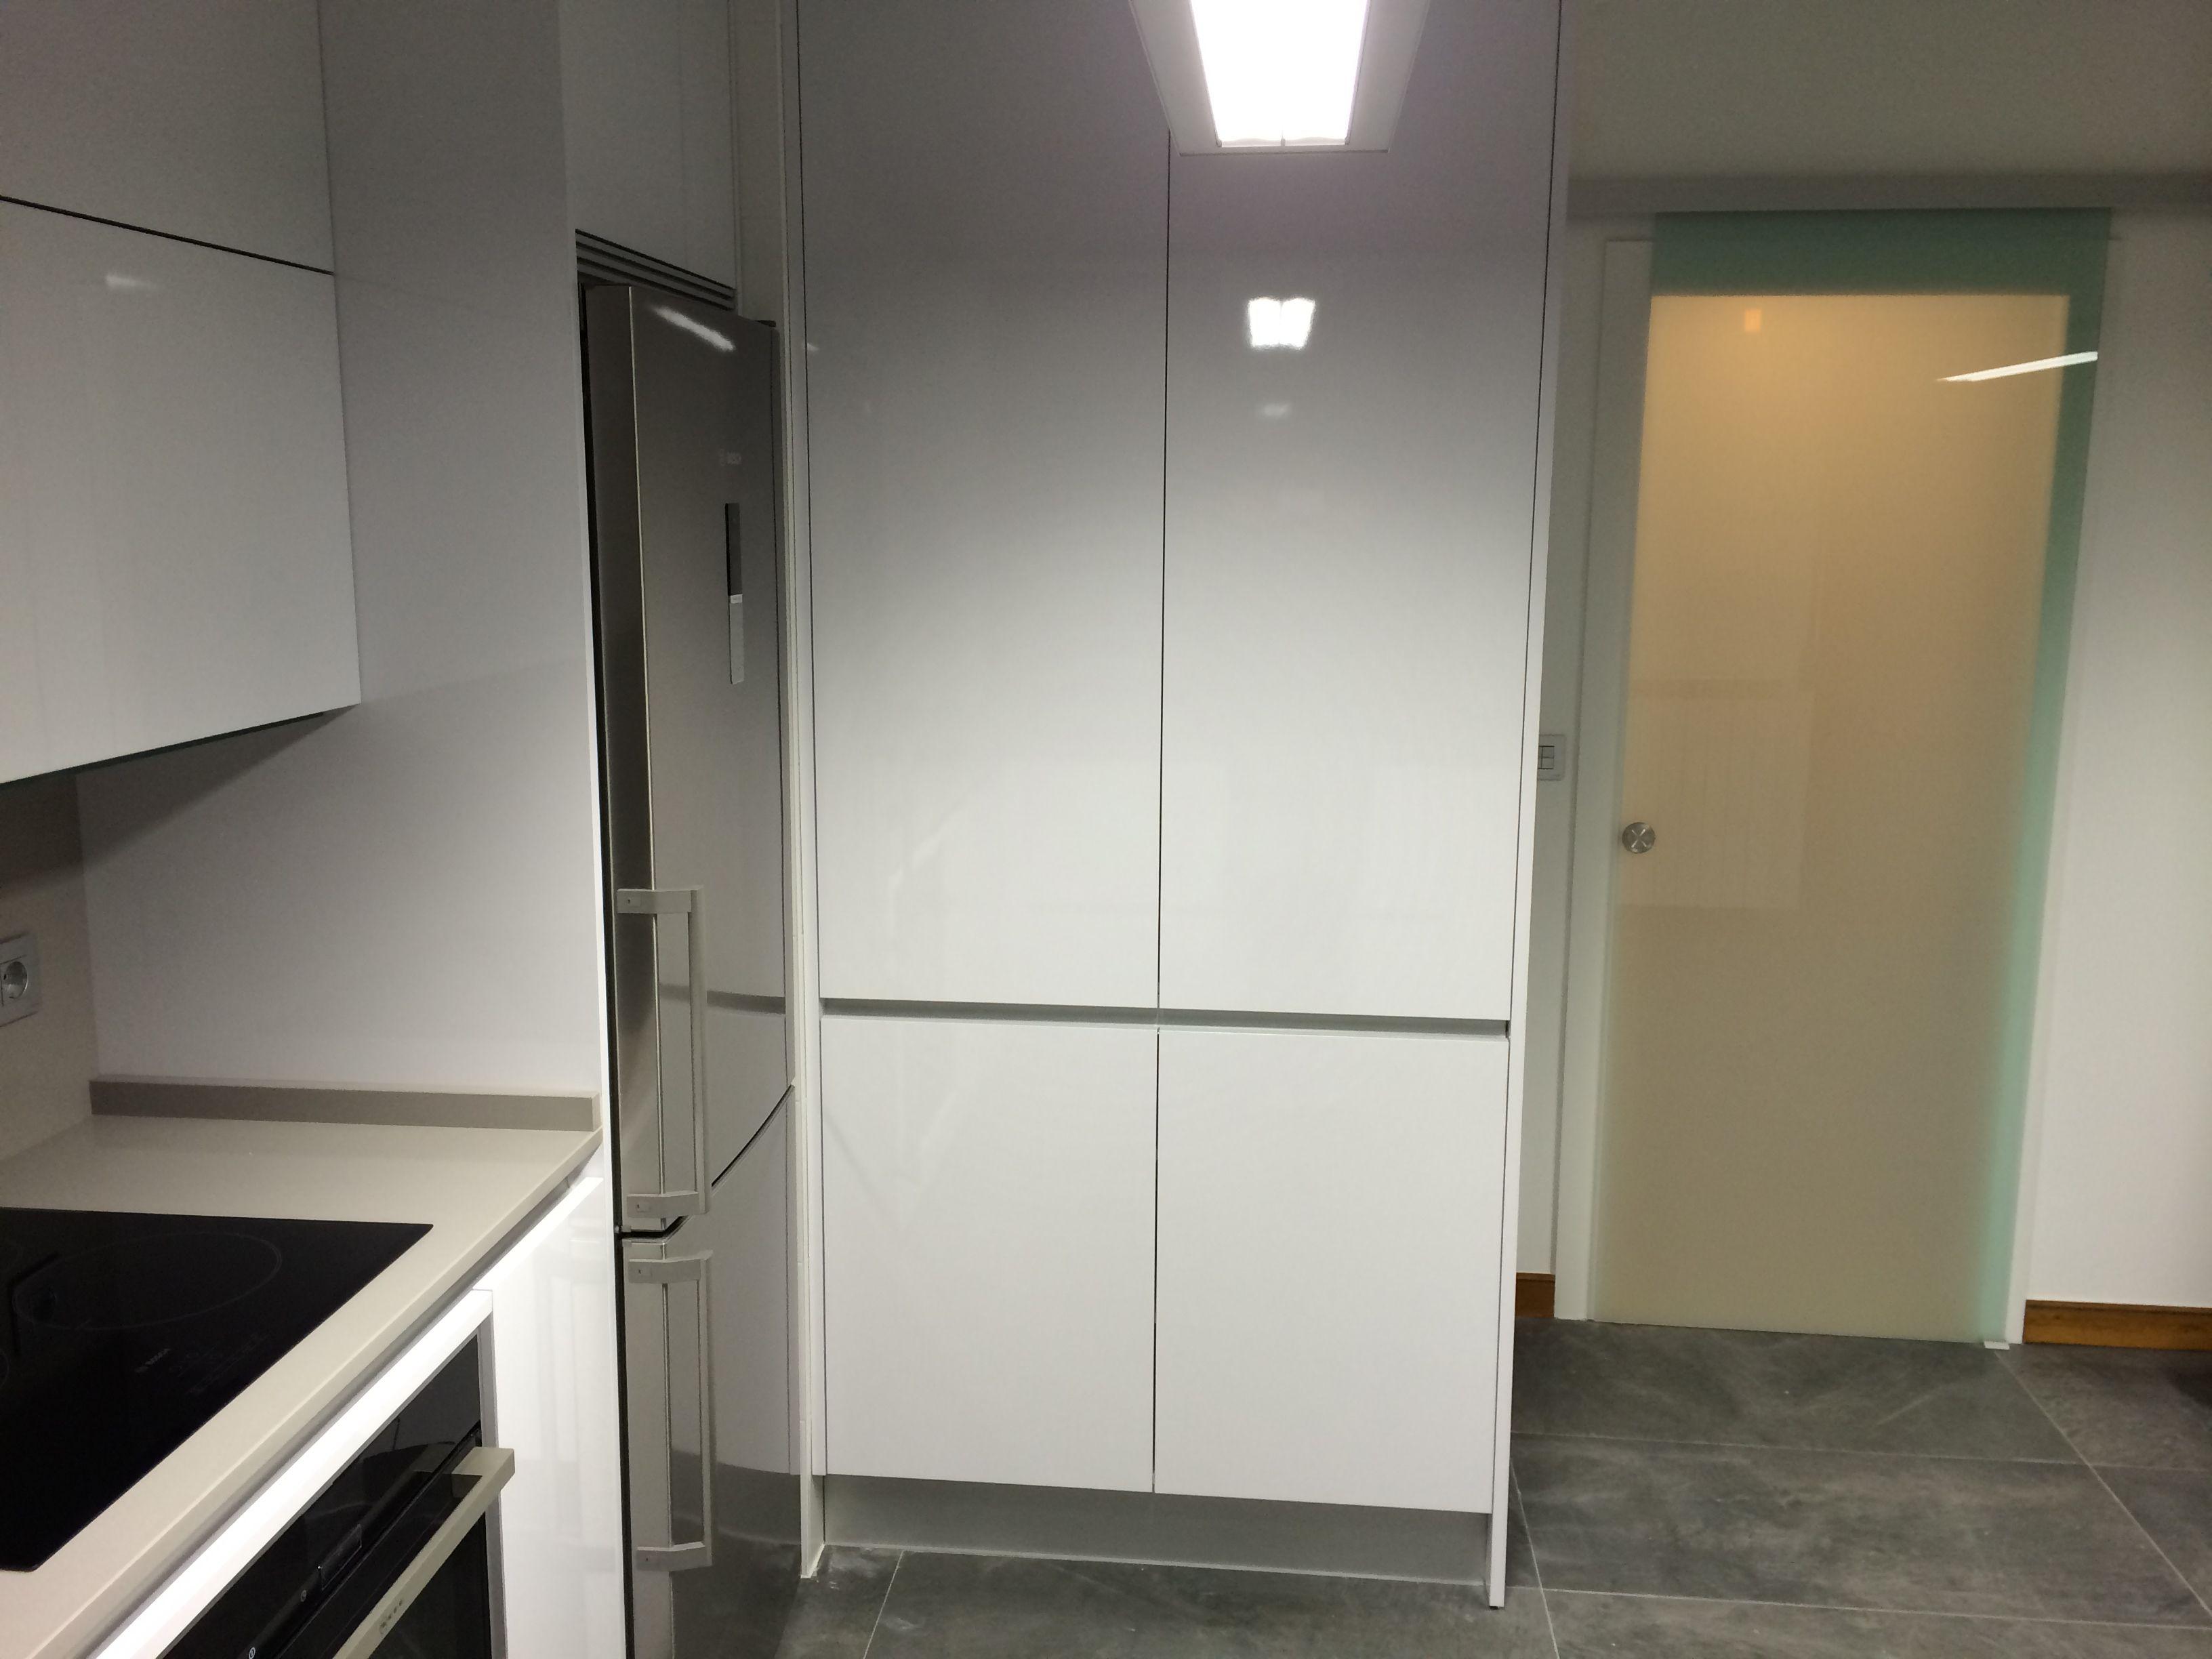 Cocina moderna con muebles blancos y puerta corredera de cristal ...